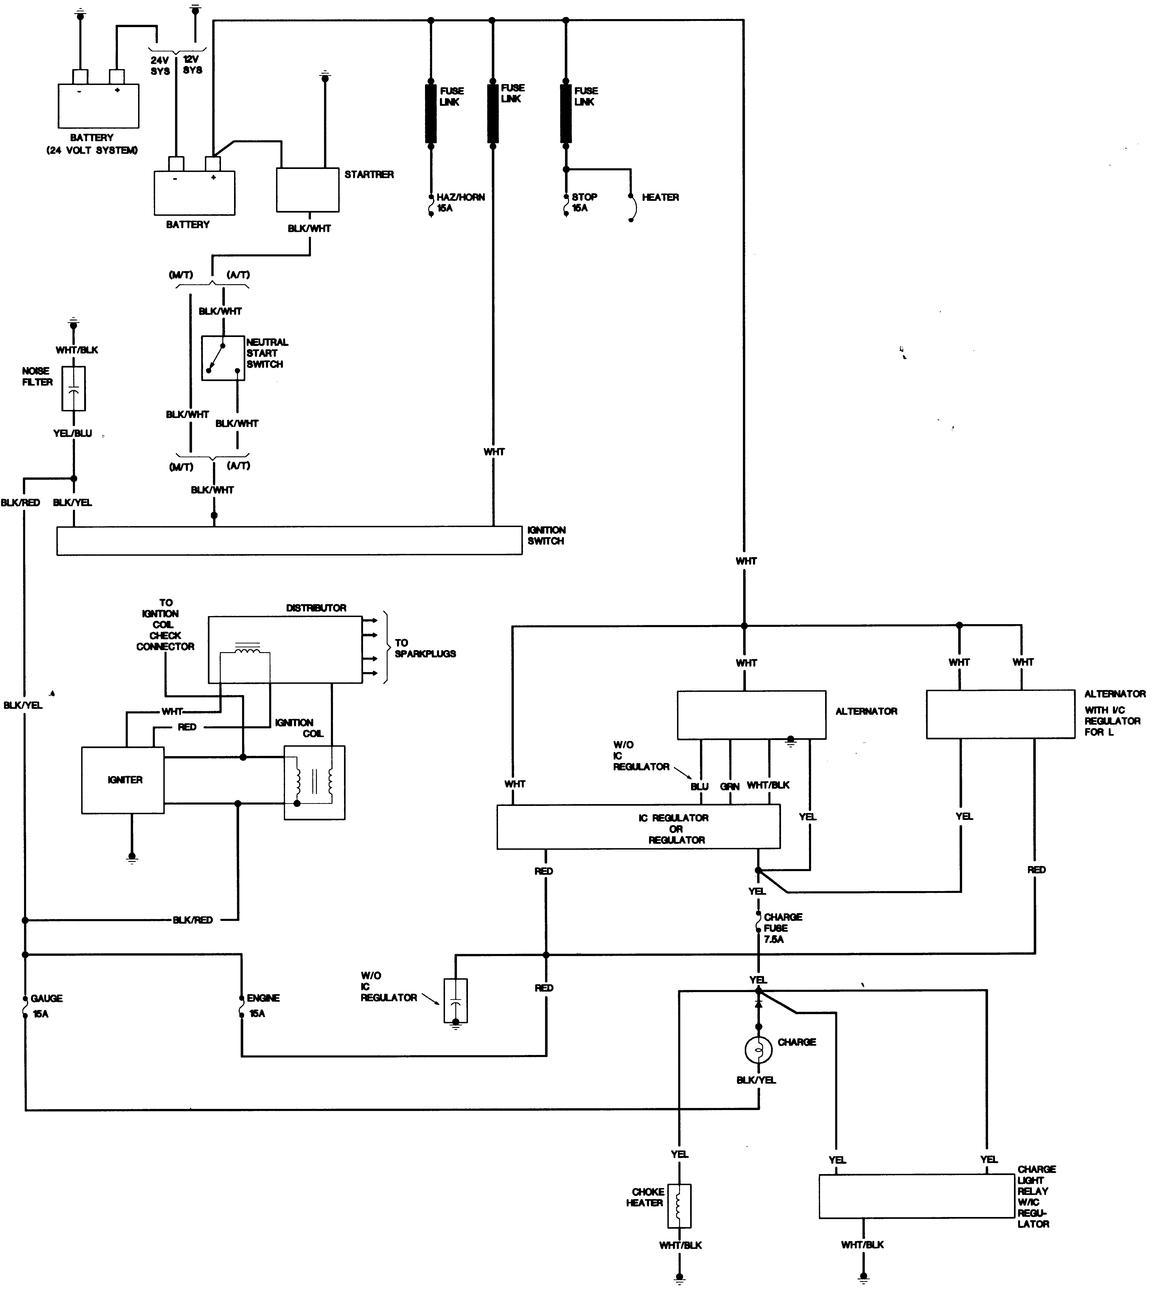 toyota 22r coil wiring diagram - wiring diagram system clue-fresh-a -  clue-fresh-a.ediliadesign.it  ediliadesign.it